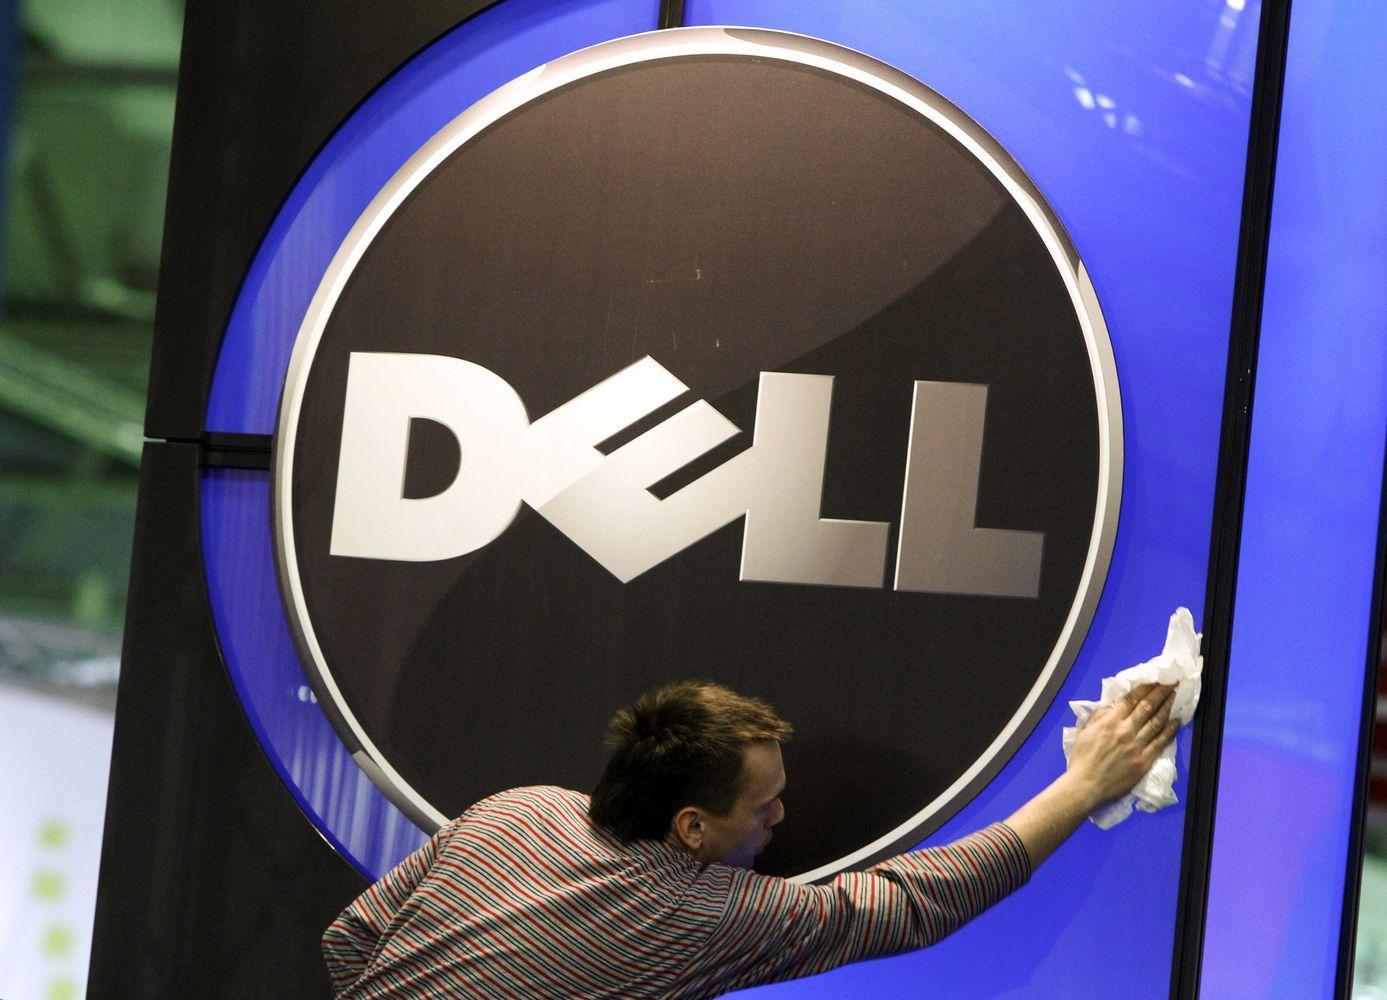 """Technologijų milžinė """"Dell"""" svarsto skelbti IPO irgrįžti į biržą"""